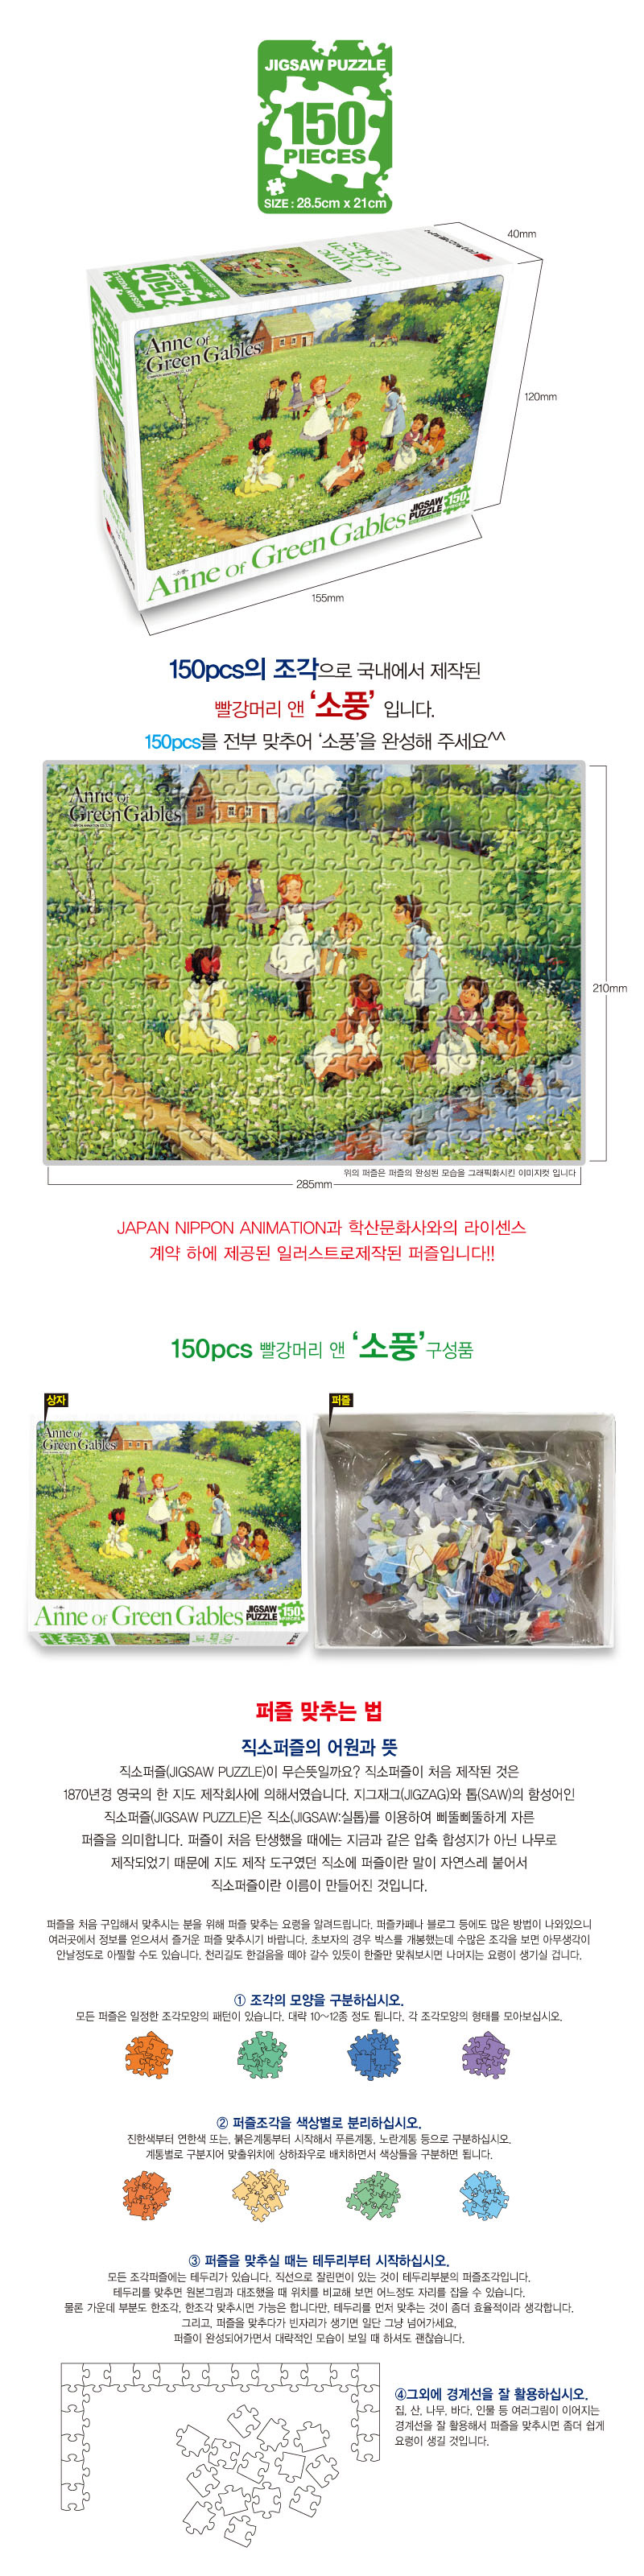 빨강머리앤 직소퍼즐 150pcs 소풍6,000원-학산직소퍼즐키덜트/취미, 블록/퍼즐, 조각/퍼즐, 만화/애니 직소퍼즐바보사랑빨강머리앤 직소퍼즐 150pcs 소풍6,000원-학산직소퍼즐키덜트/취미, 블록/퍼즐, 조각/퍼즐, 만화/애니 직소퍼즐바보사랑